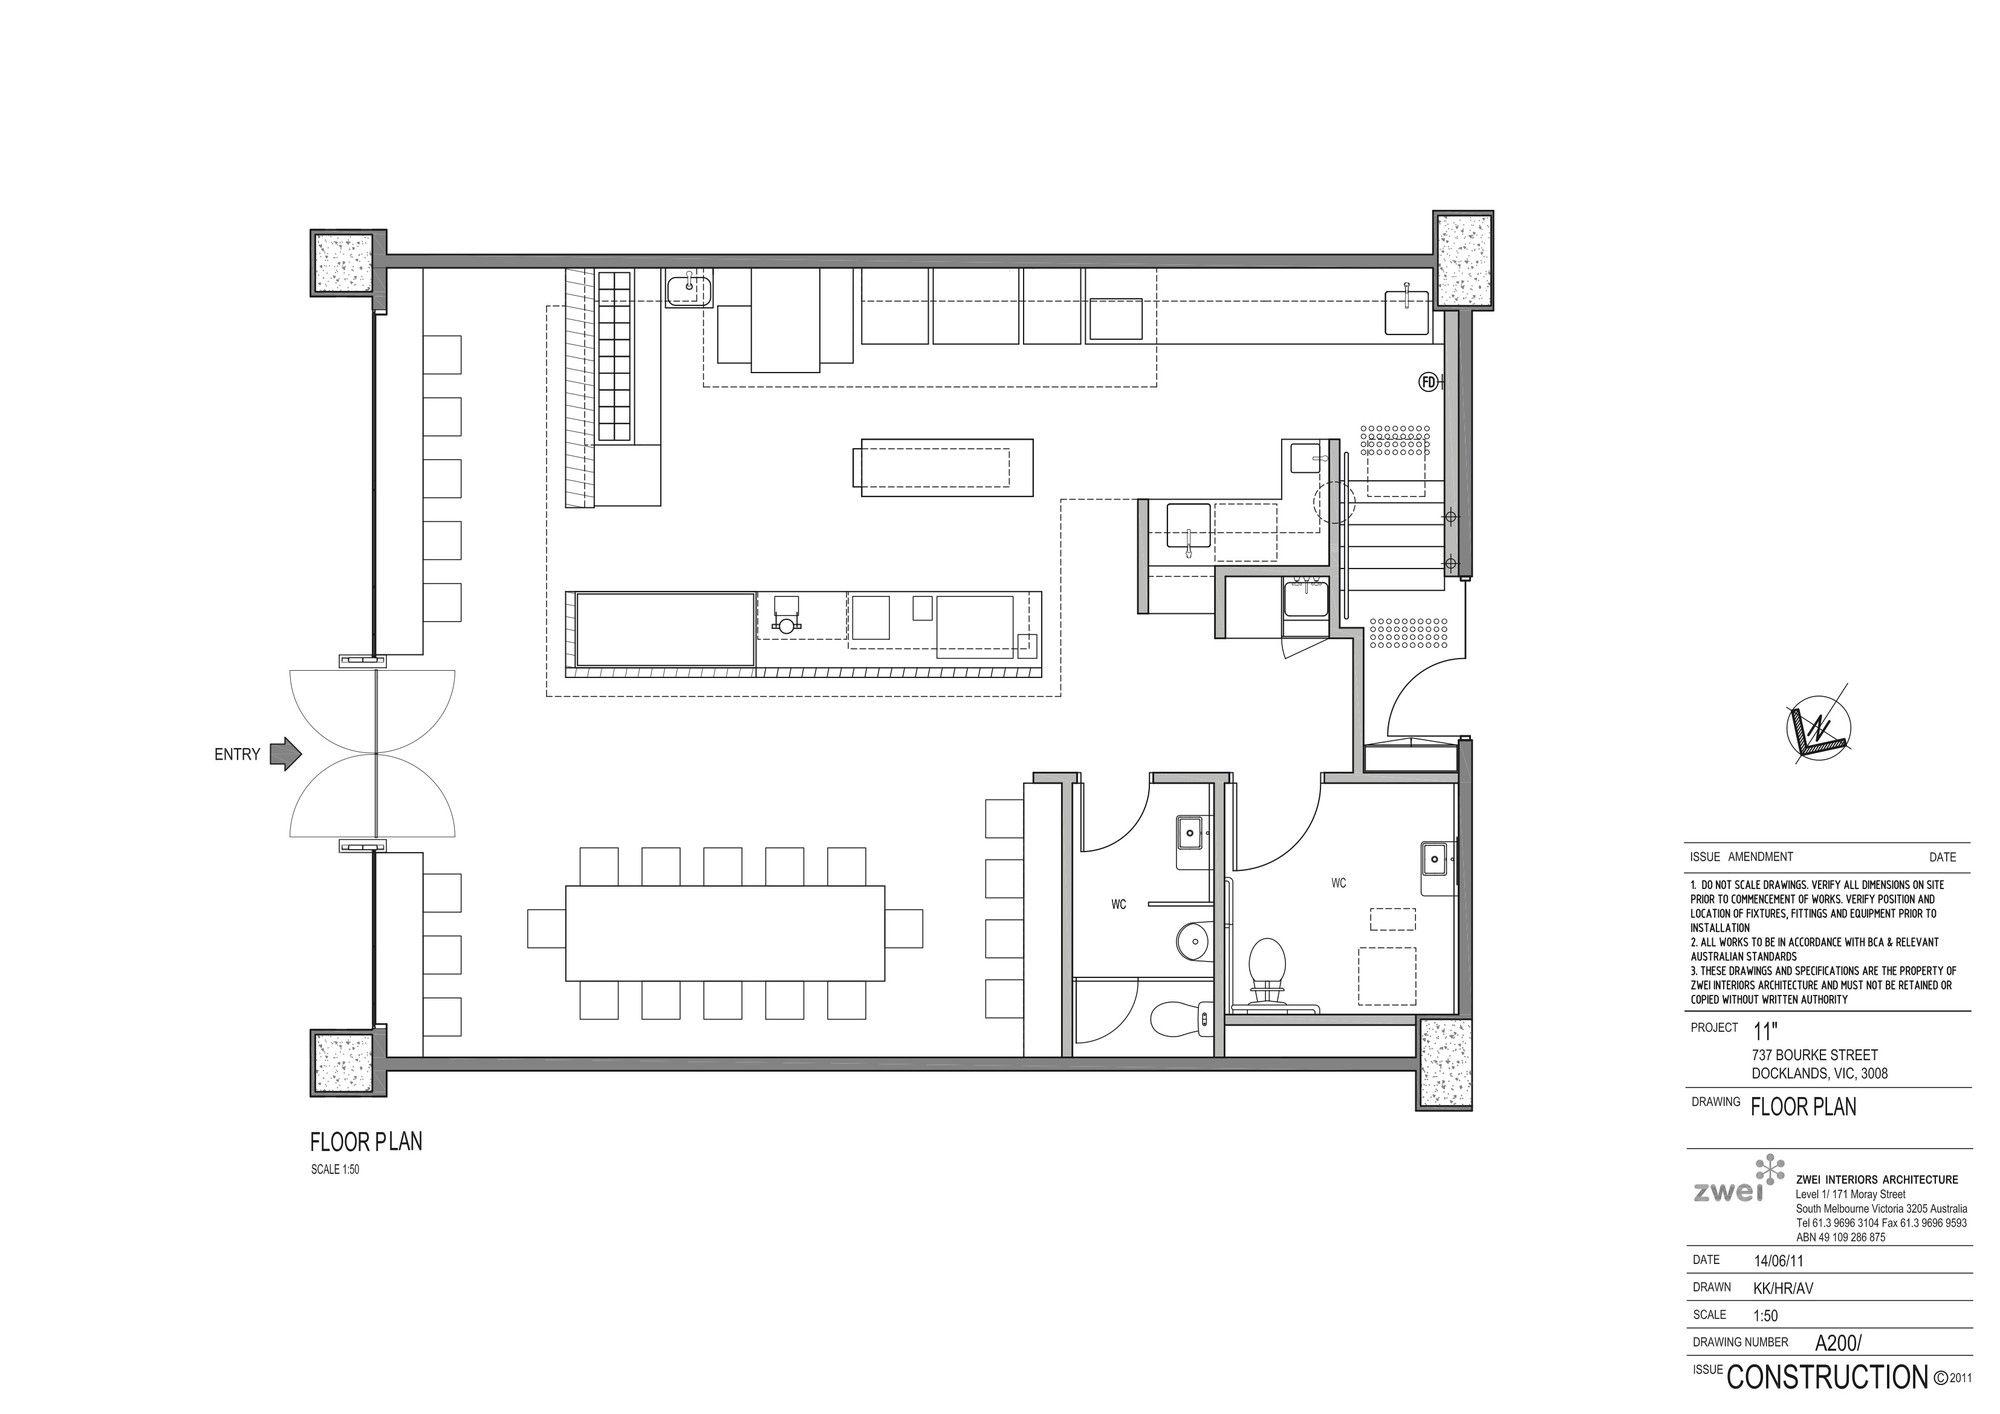 Gallery Of Eleven Inch Pizza Zwei 8 Shop House Plans Floor Plan Design Floor Plans